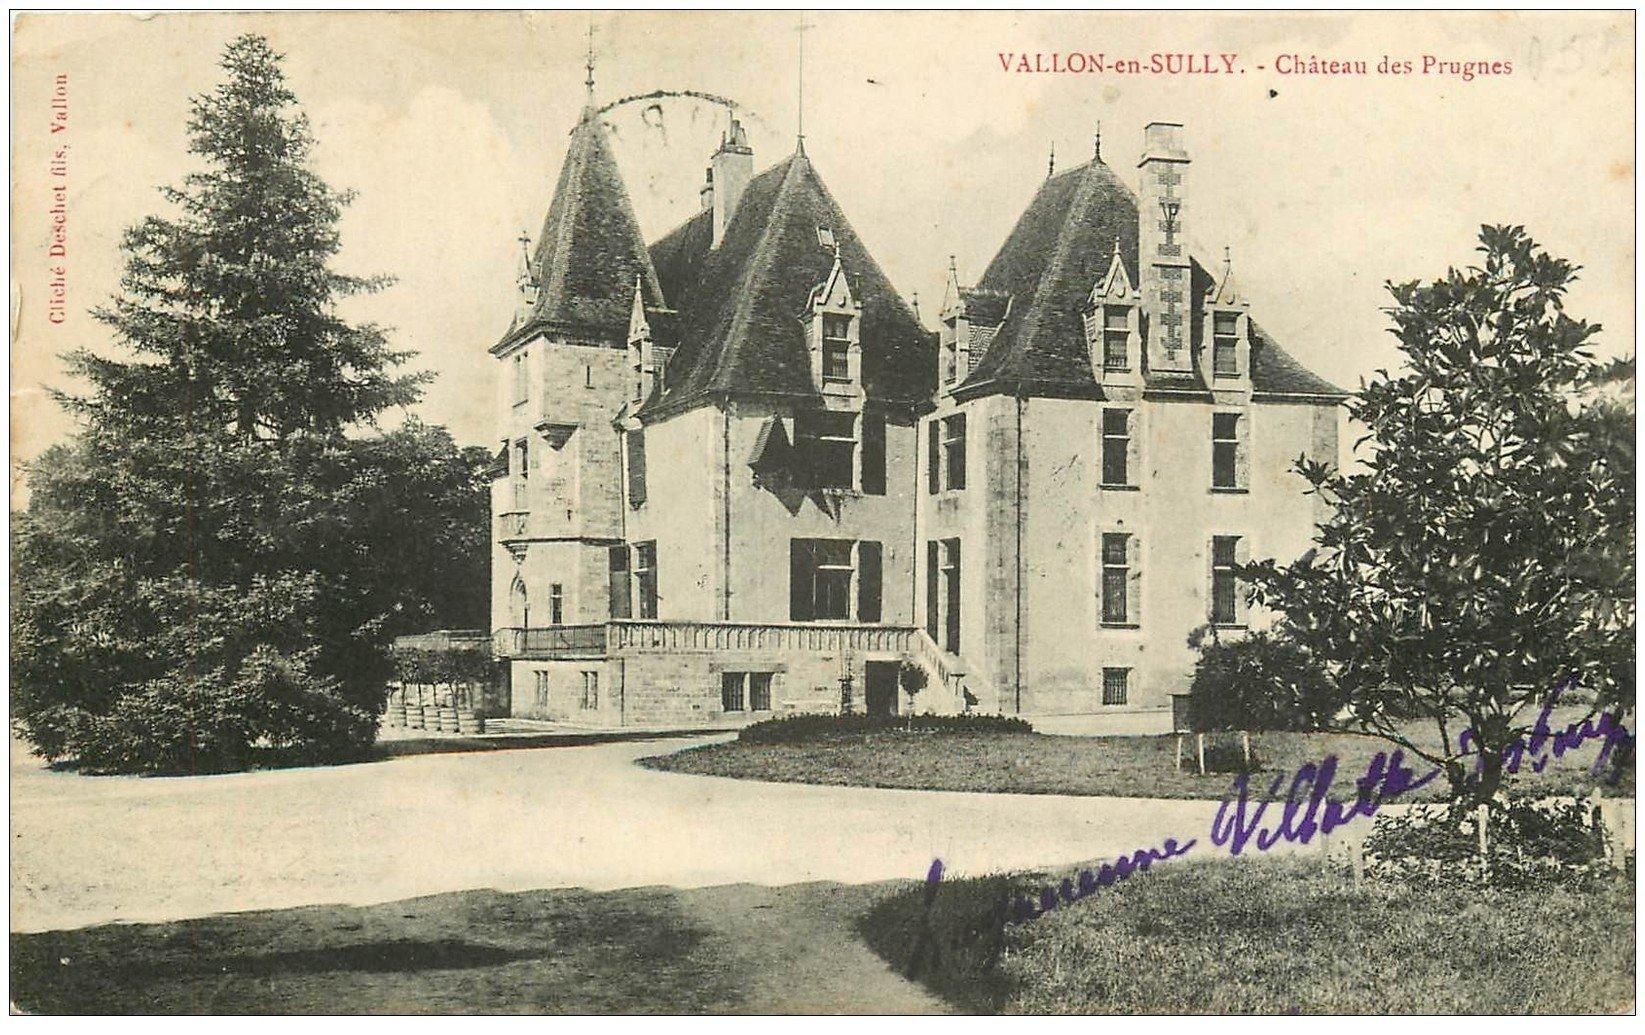 carte postale ancienne 03 VALLON-en-SULLY. Château des Prugnes vers 1905